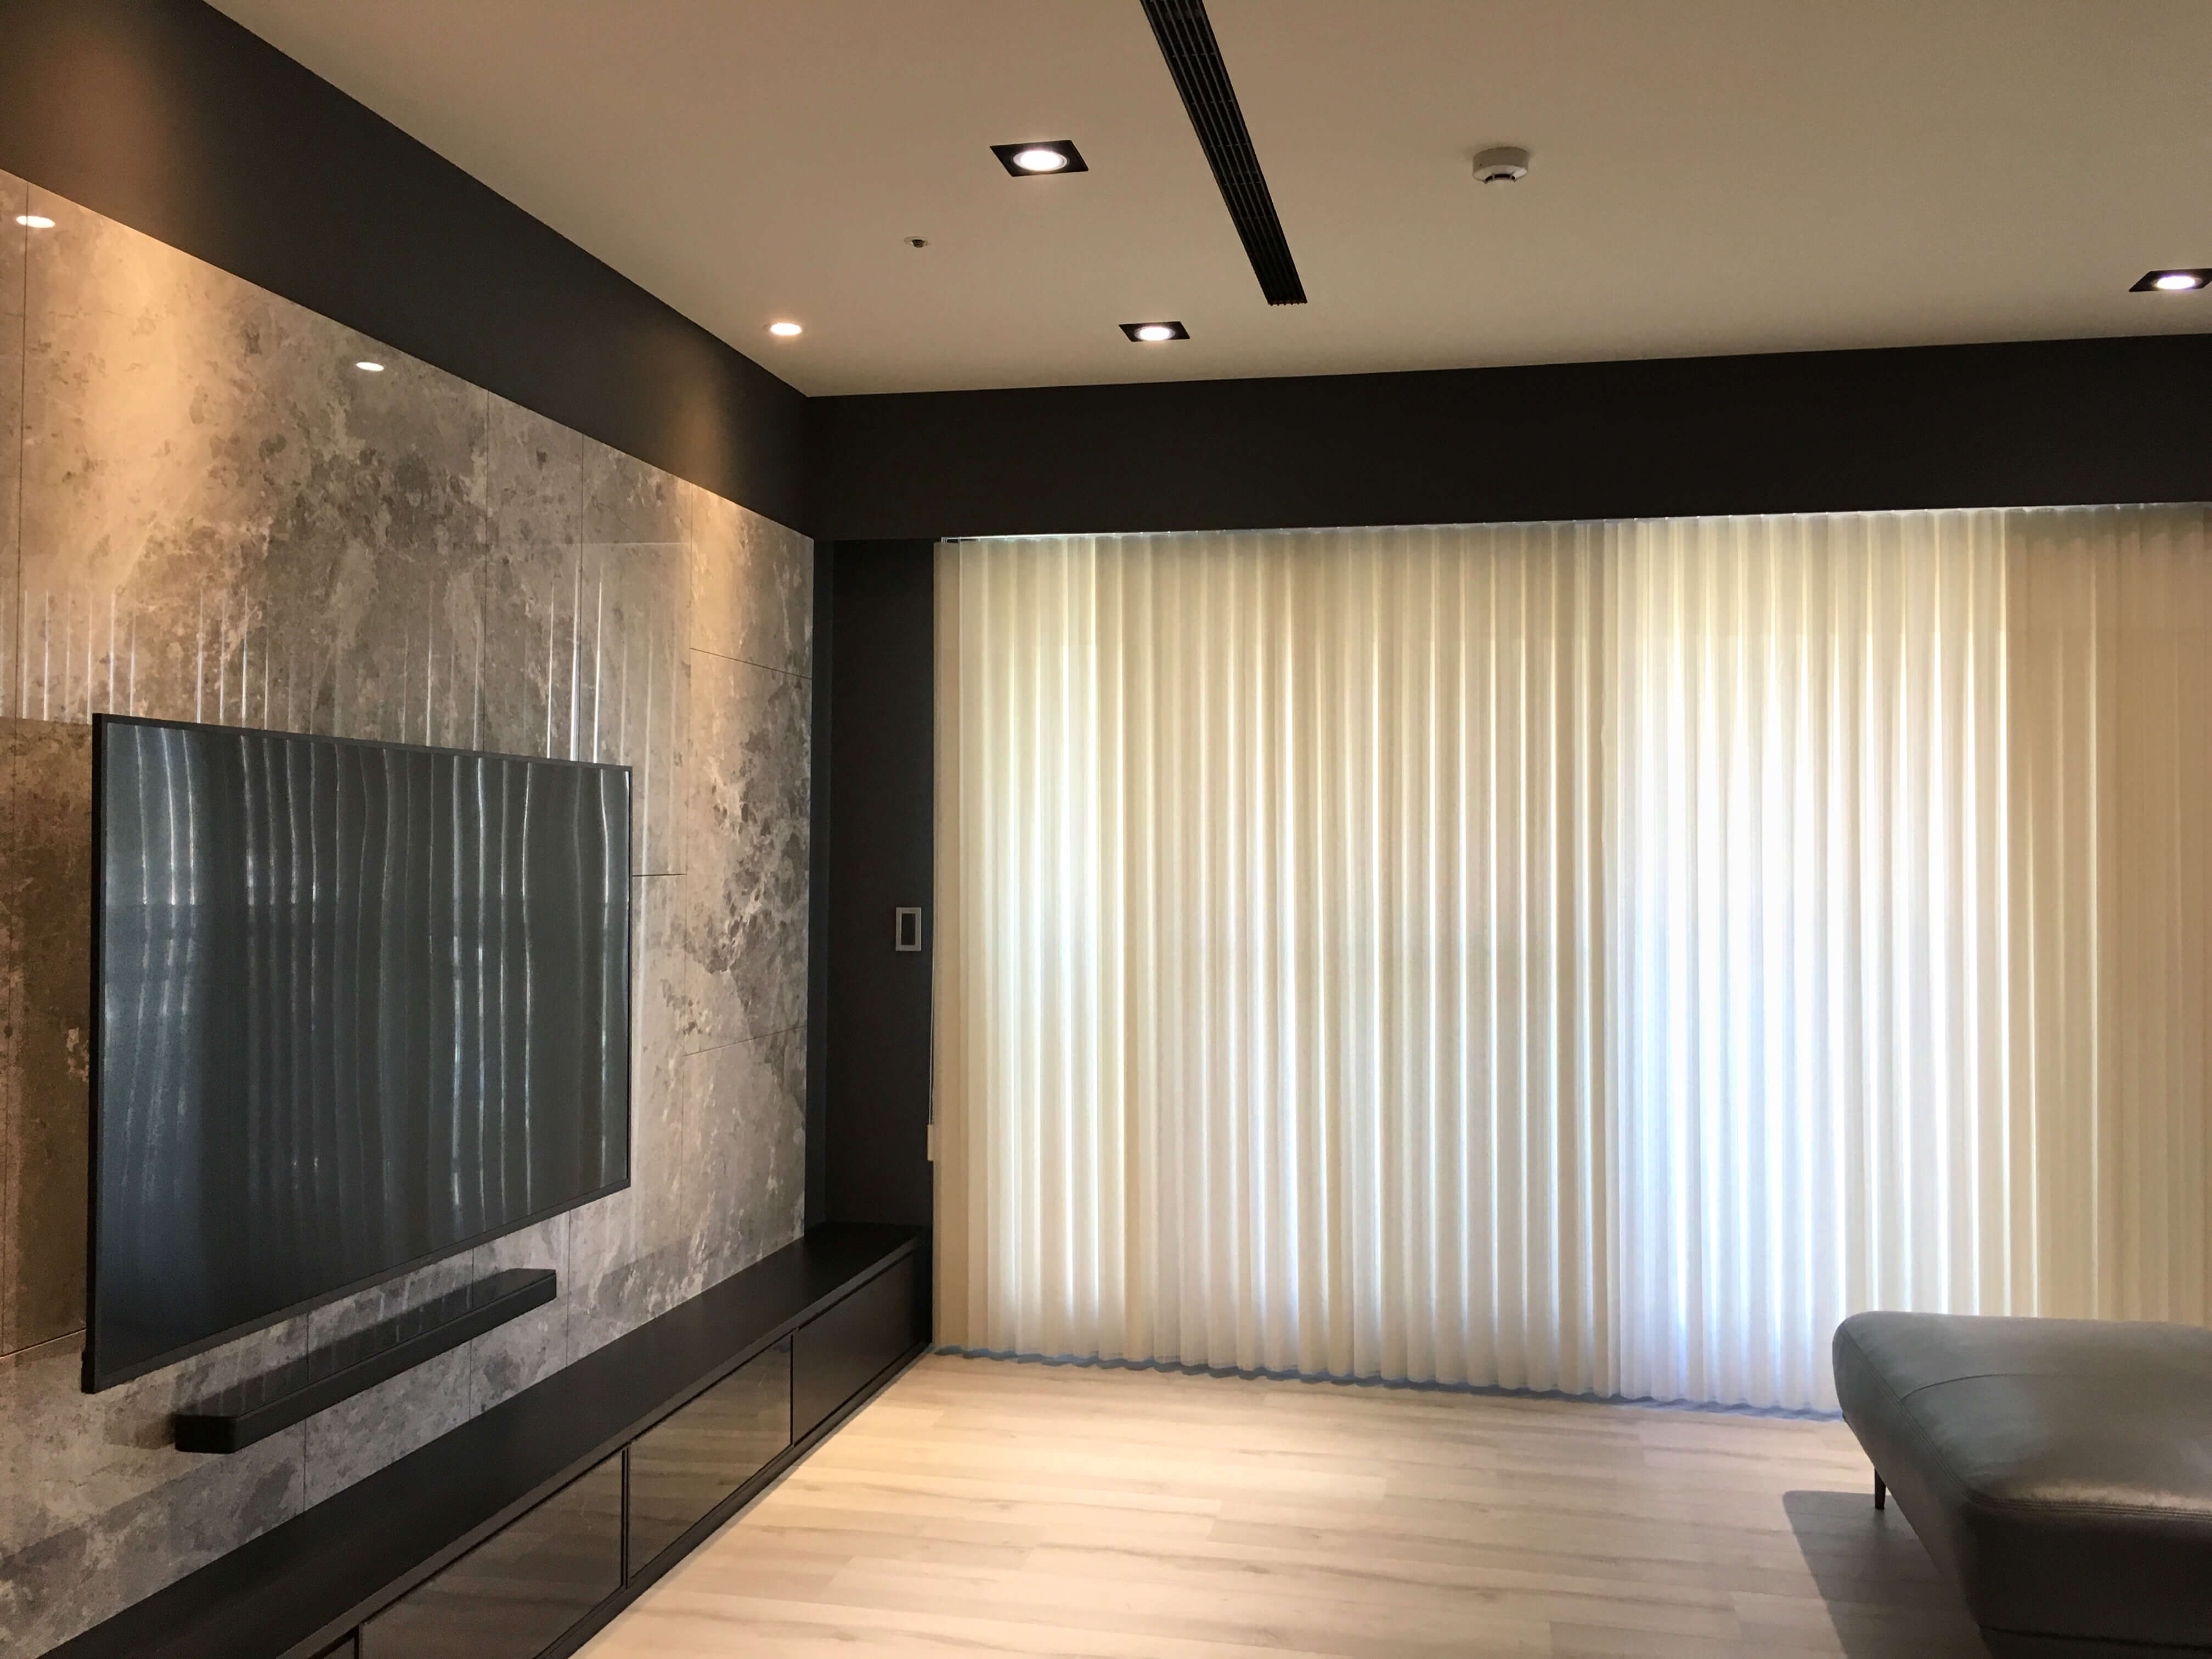 直立柔紗簾推薦 客廳窗簾設計 台中窗簾推薦